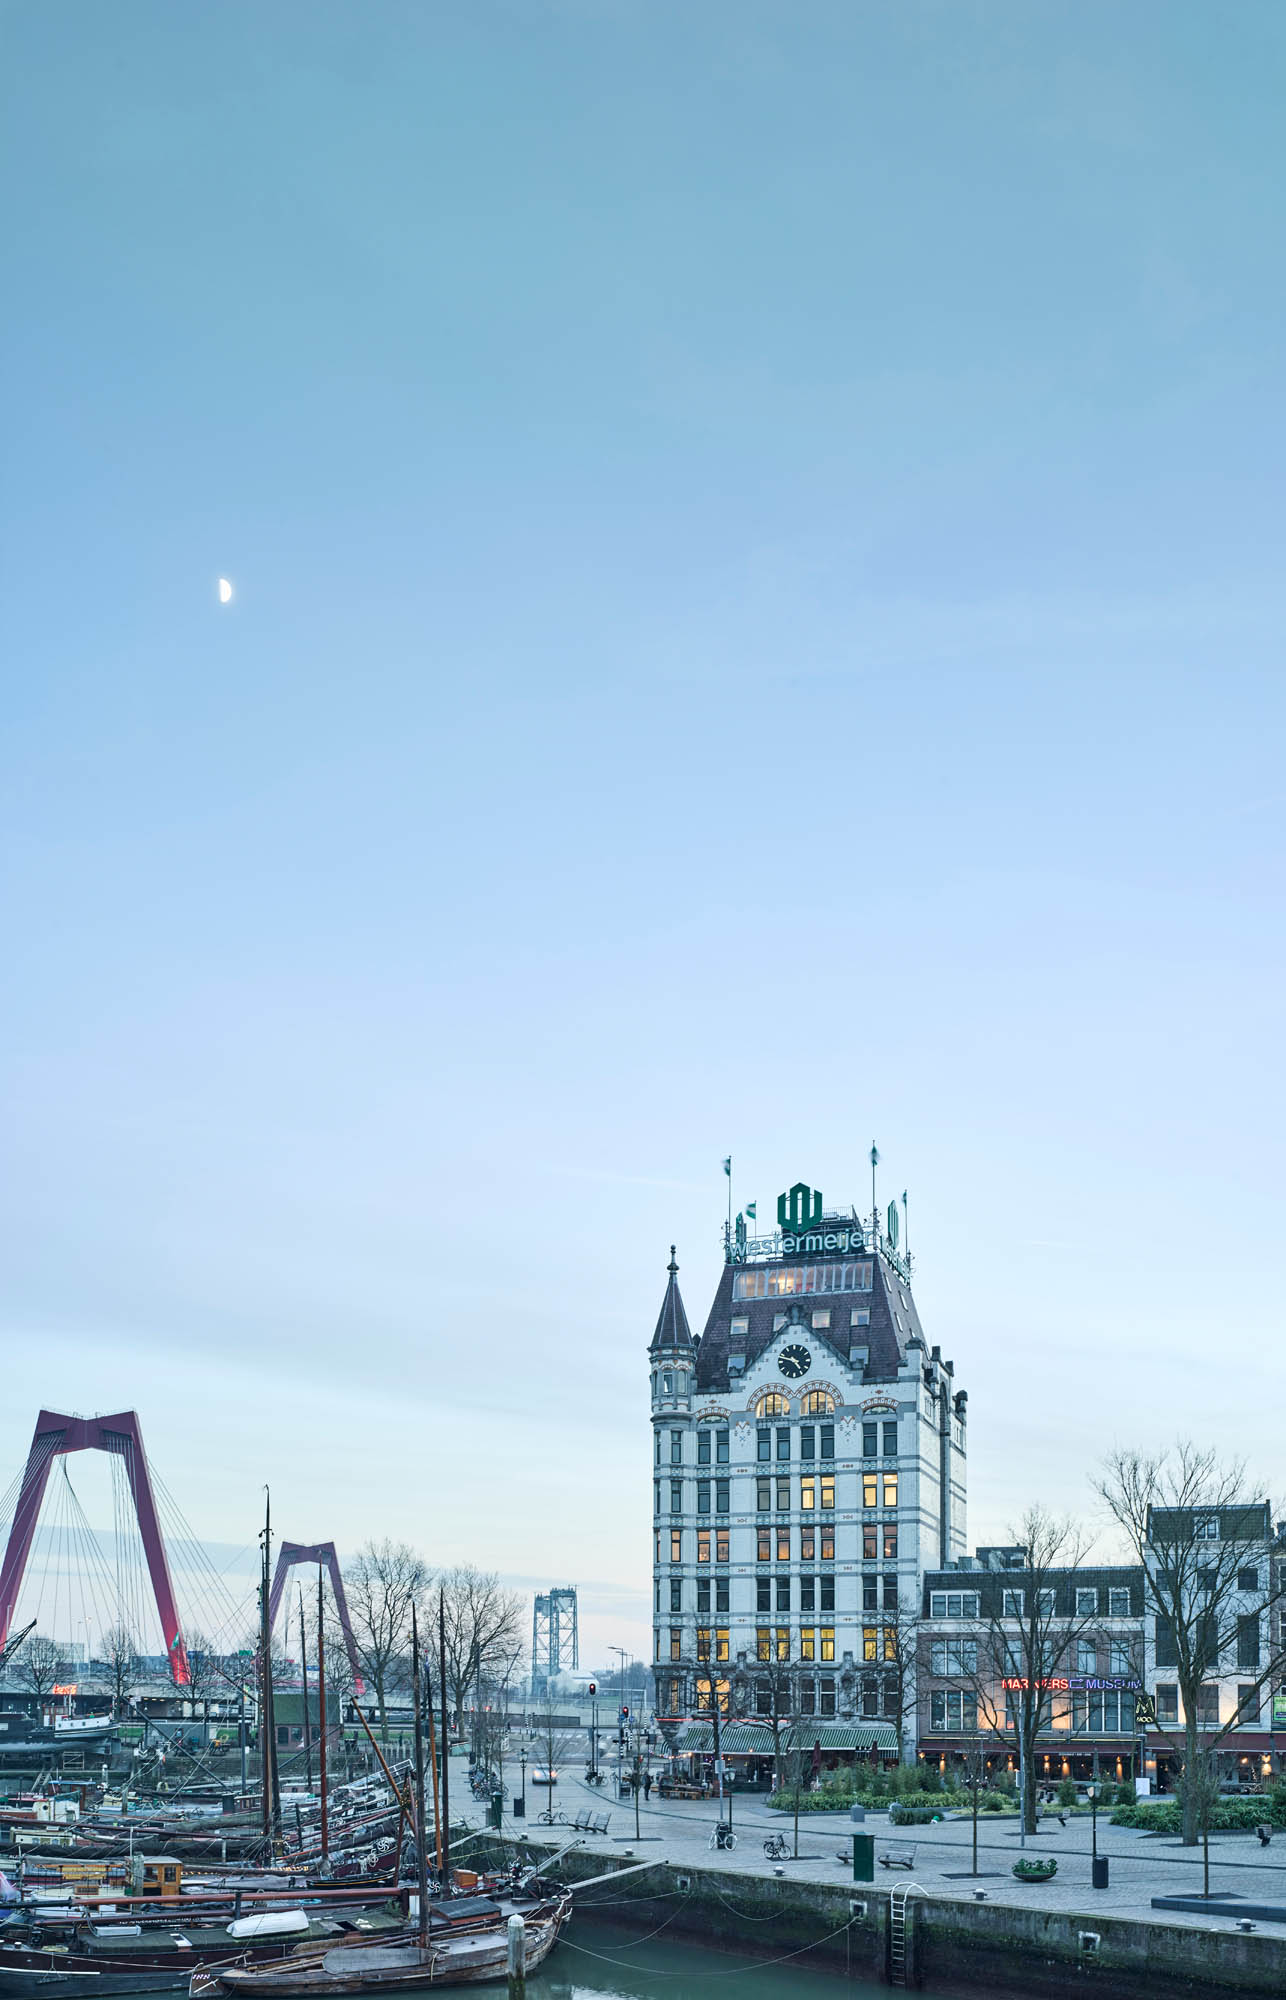 Opp 004892 - Rotterdam: Spielwiese verrückter Architektur von Weltruf